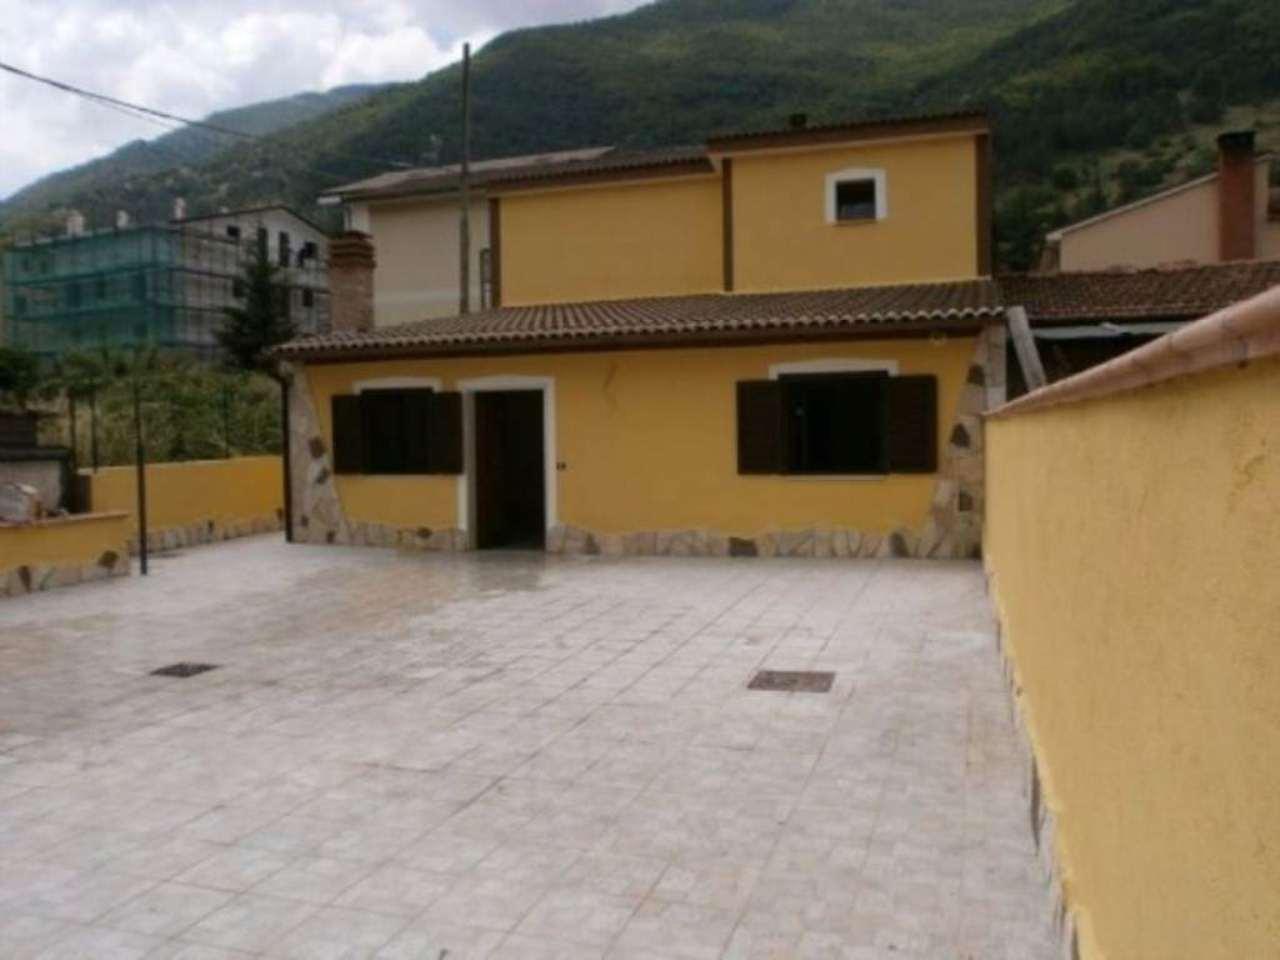 Villa a Schiera in vendita a Villalago, 6 locali, prezzo € 115.000 | Cambio Casa.it